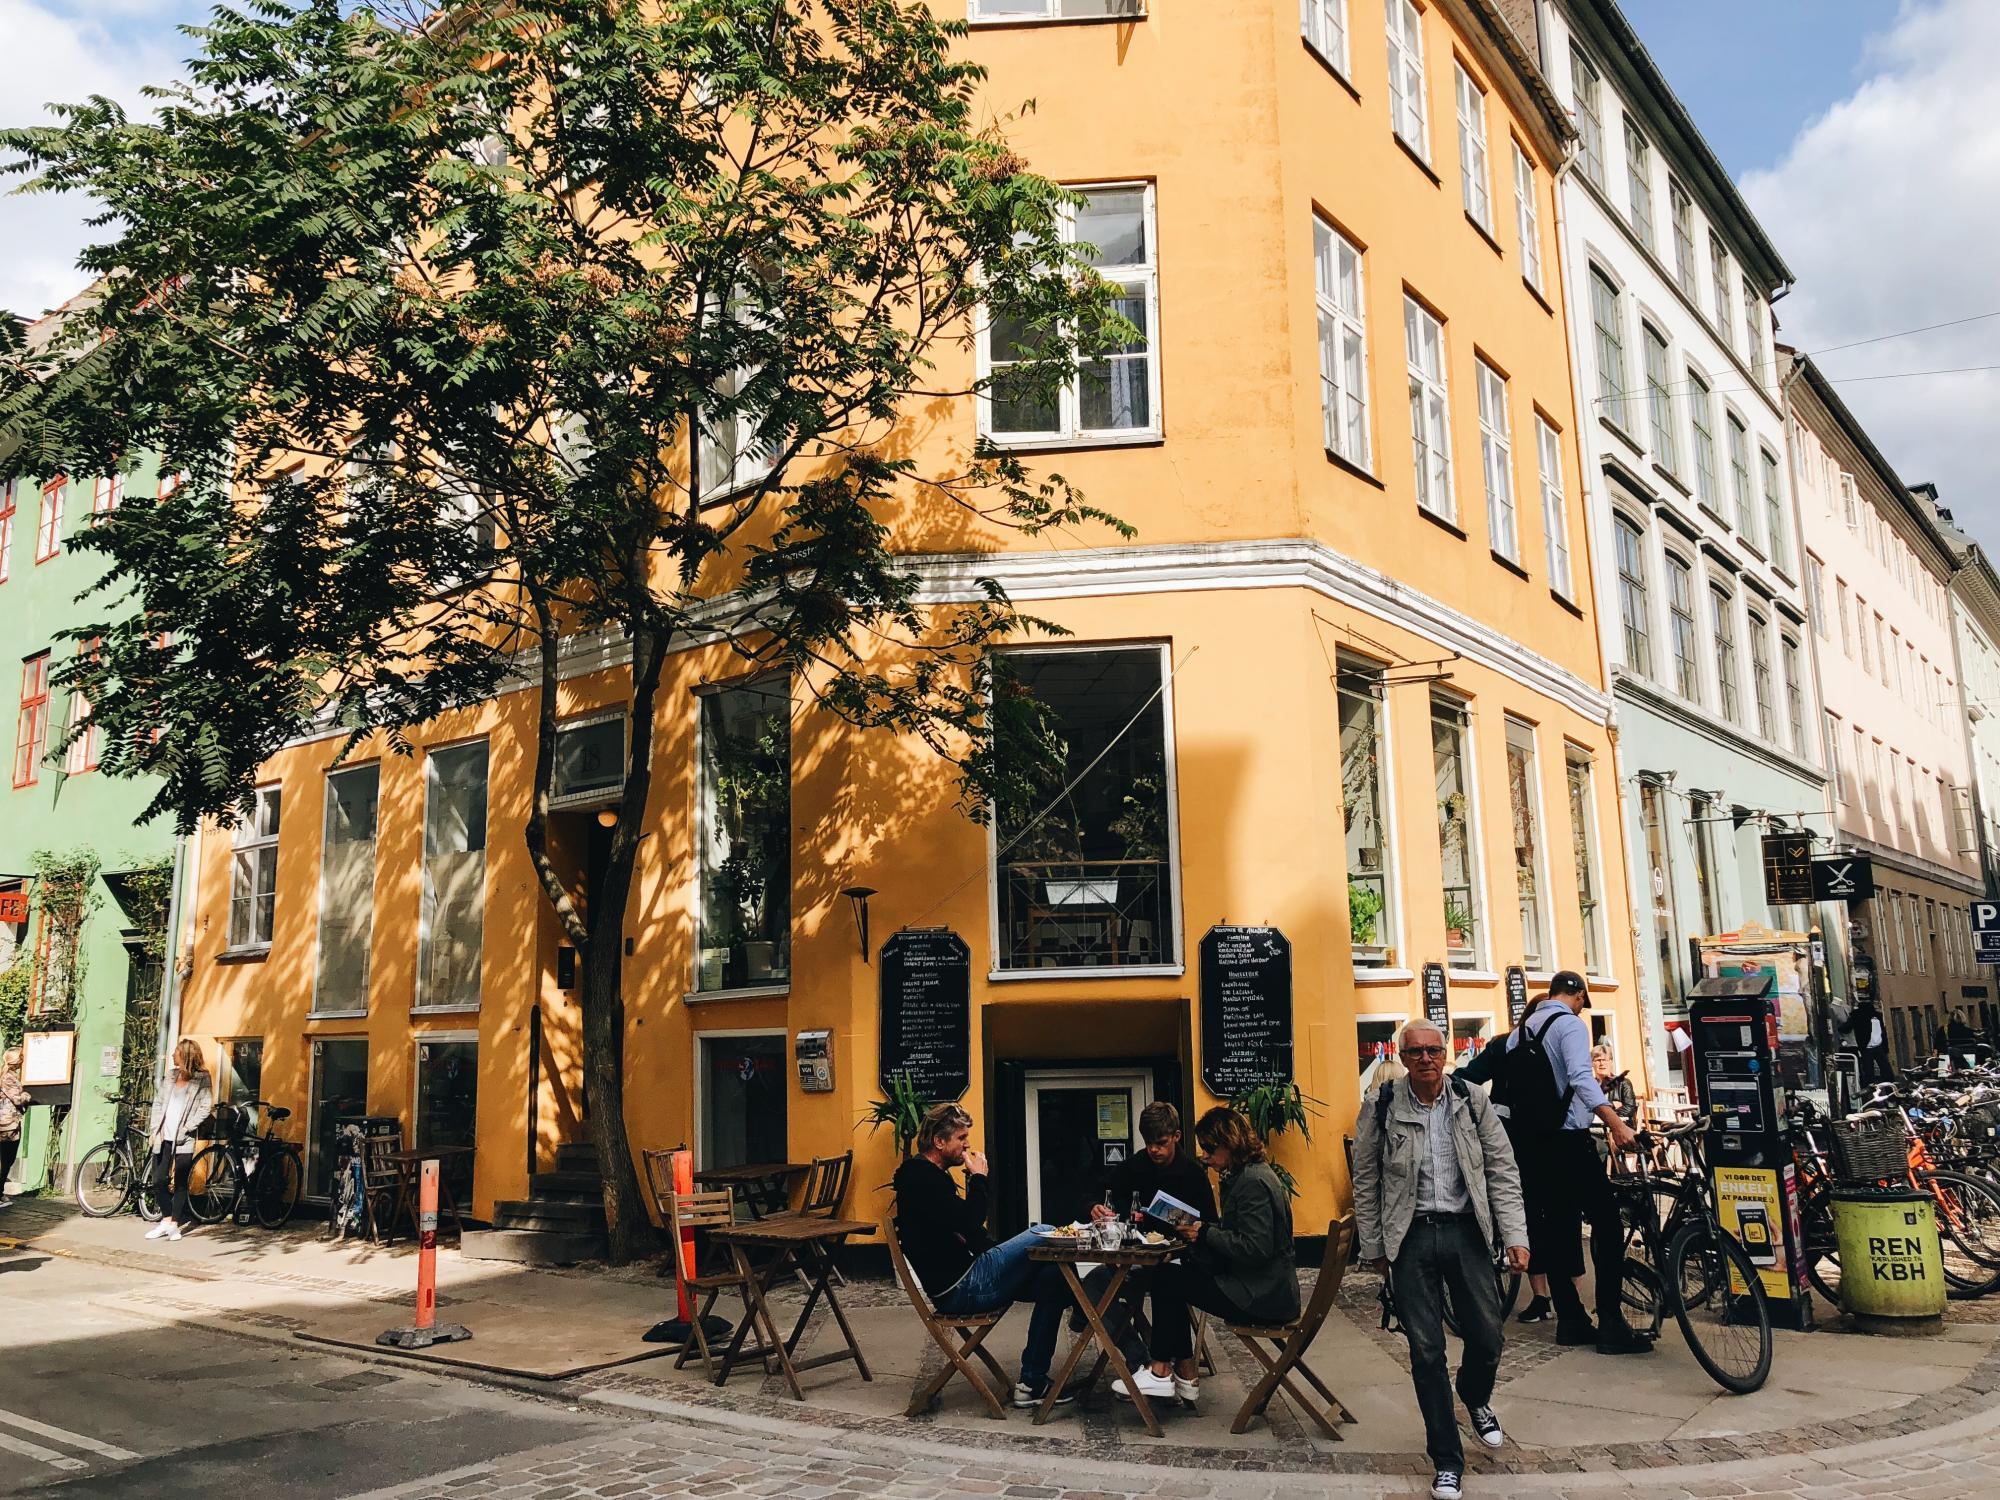 En liten guide till Köpenhamn